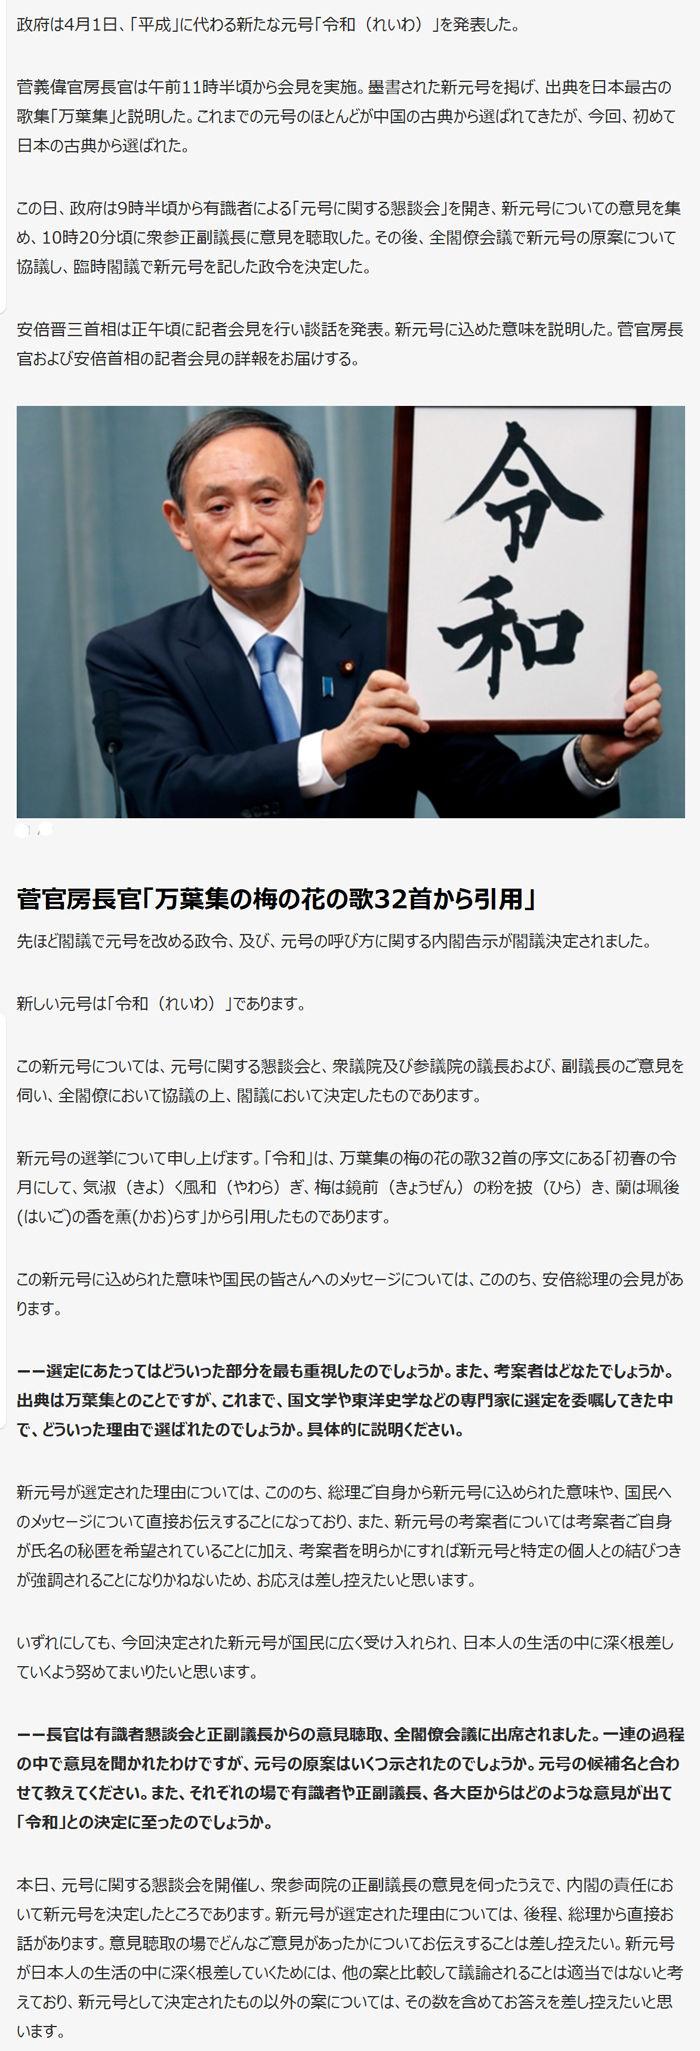 0菅長官発表内容700c